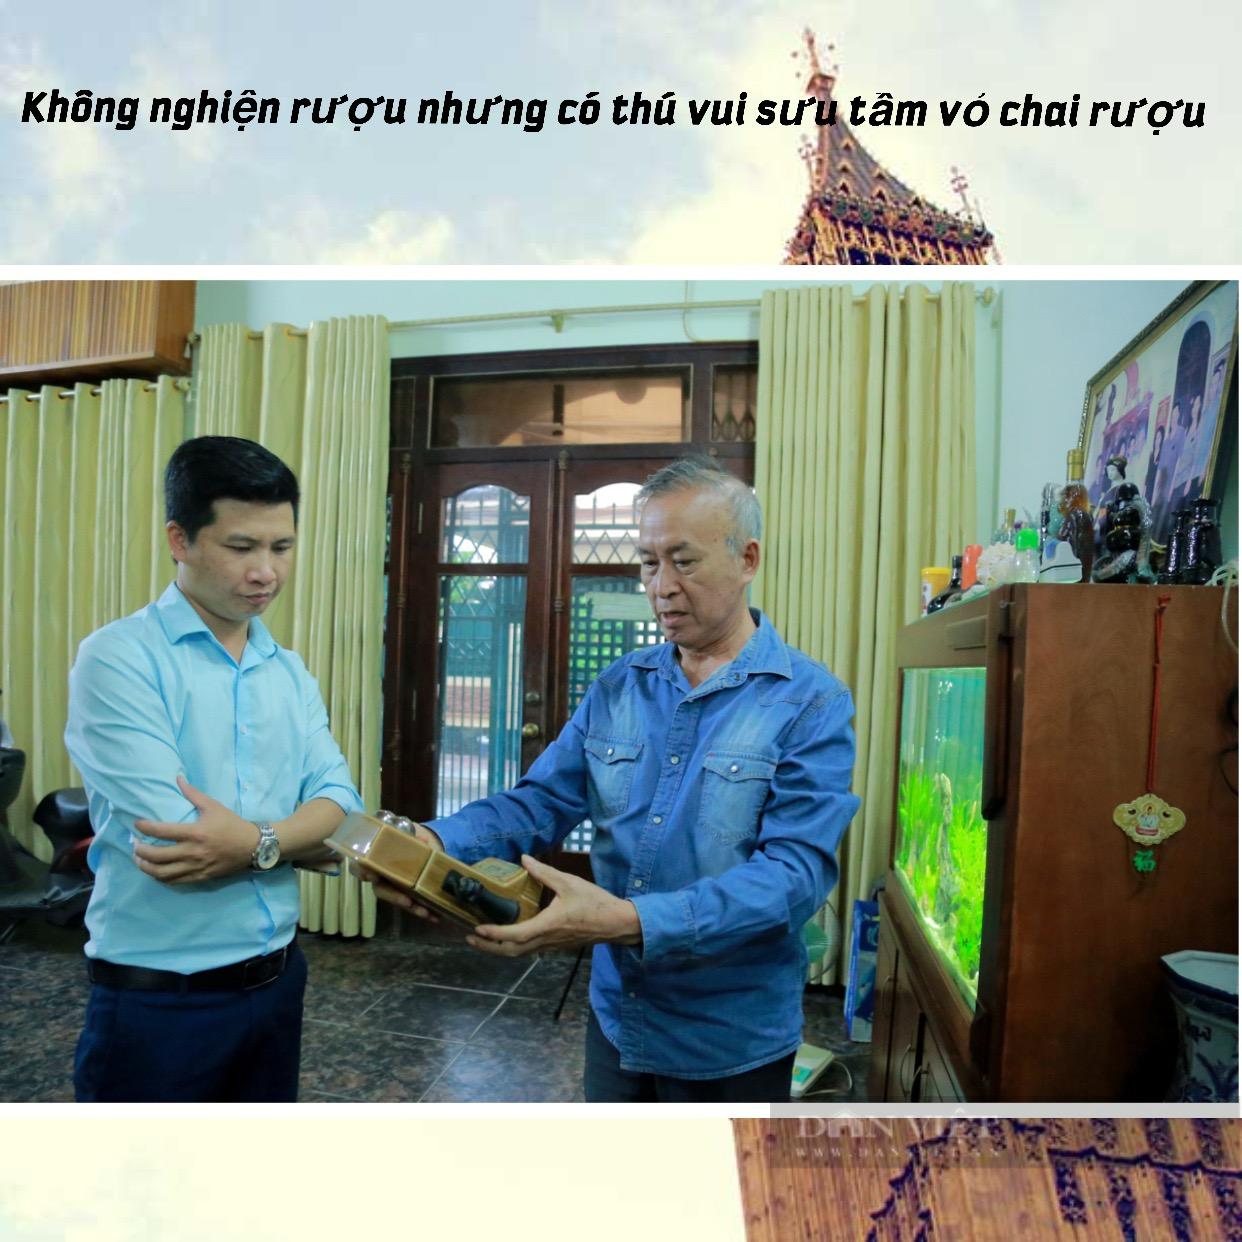 """Nhà ngoại giao dành nhiều tháng lương """"nướng"""" vào thú sưu tầm vỏ chai rượu hình thù độc nhất Việt Nam - Ảnh 2."""